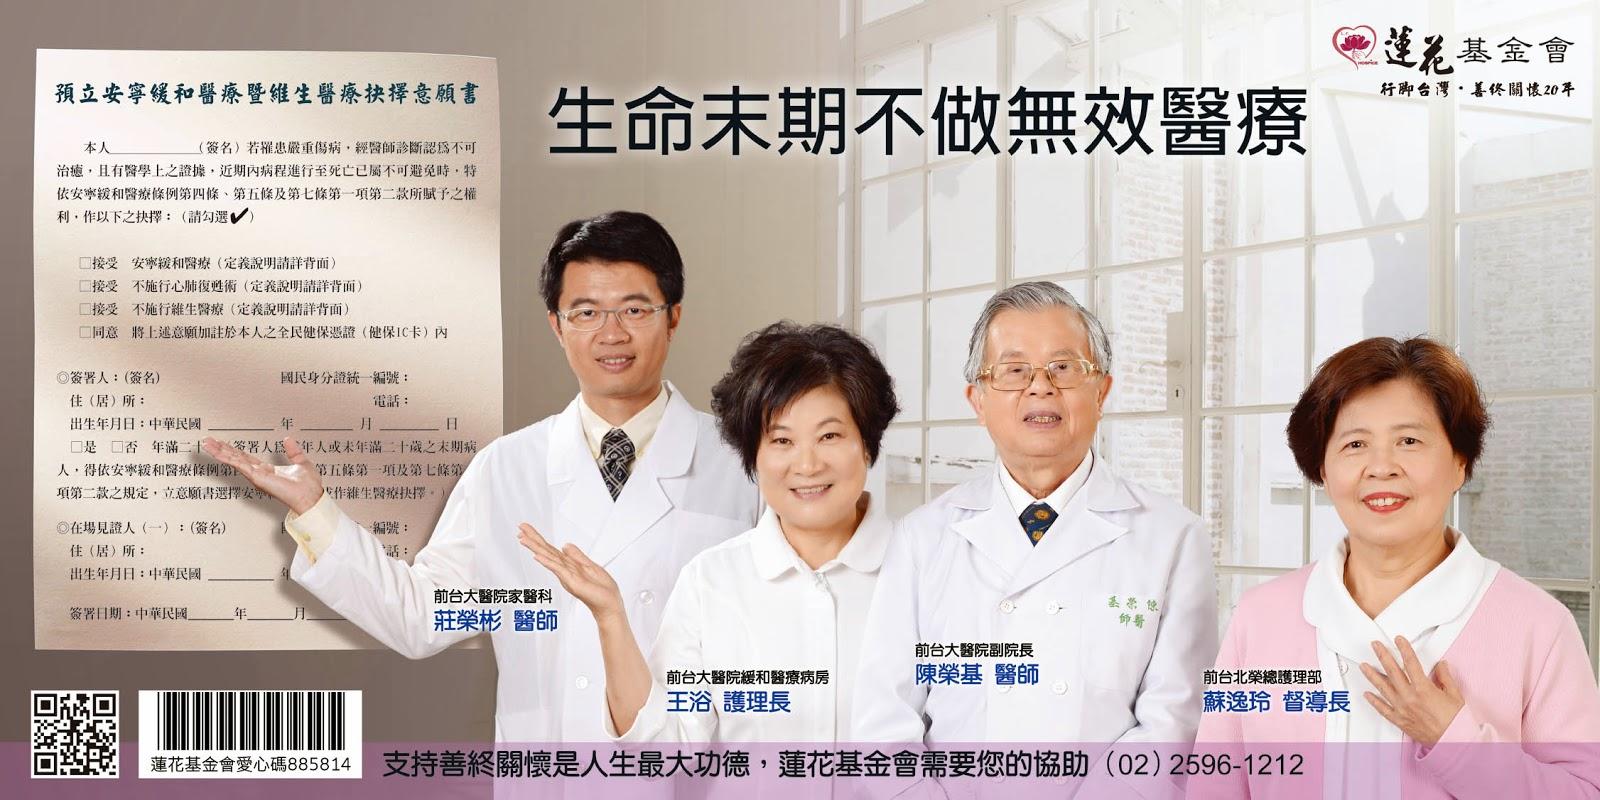 醫療   [組圖+影片] 的最新詳盡資料** (必看!!) - www.go2tutor.com